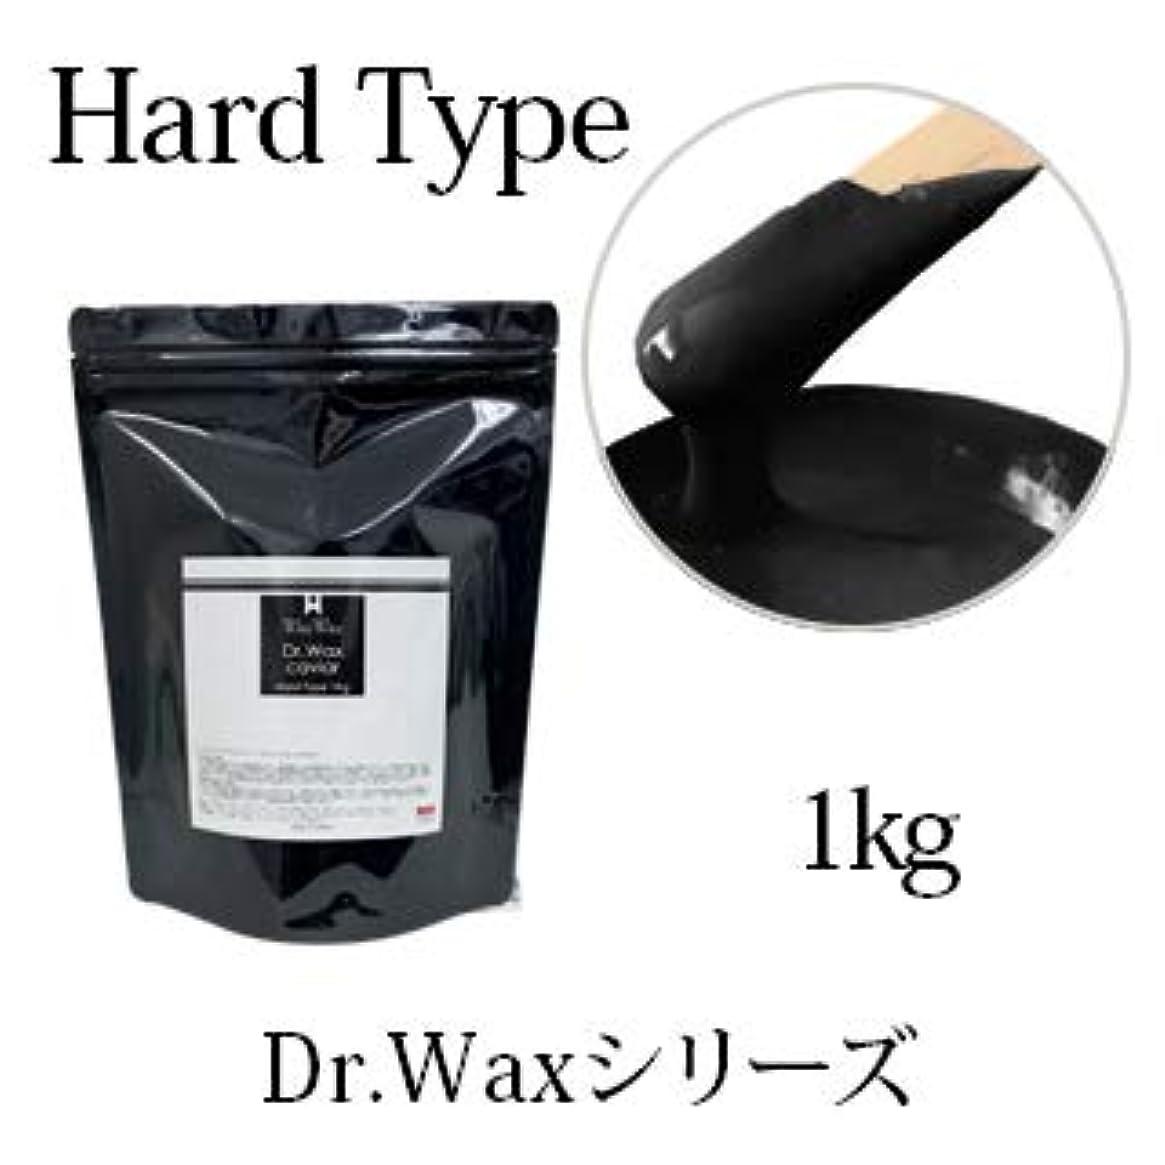 是正涙が出る視線【Dr.waxシリーズ】ワックス脱毛 粒タイプ 紙を使用しない ハードワックス (キャビア 1kg)